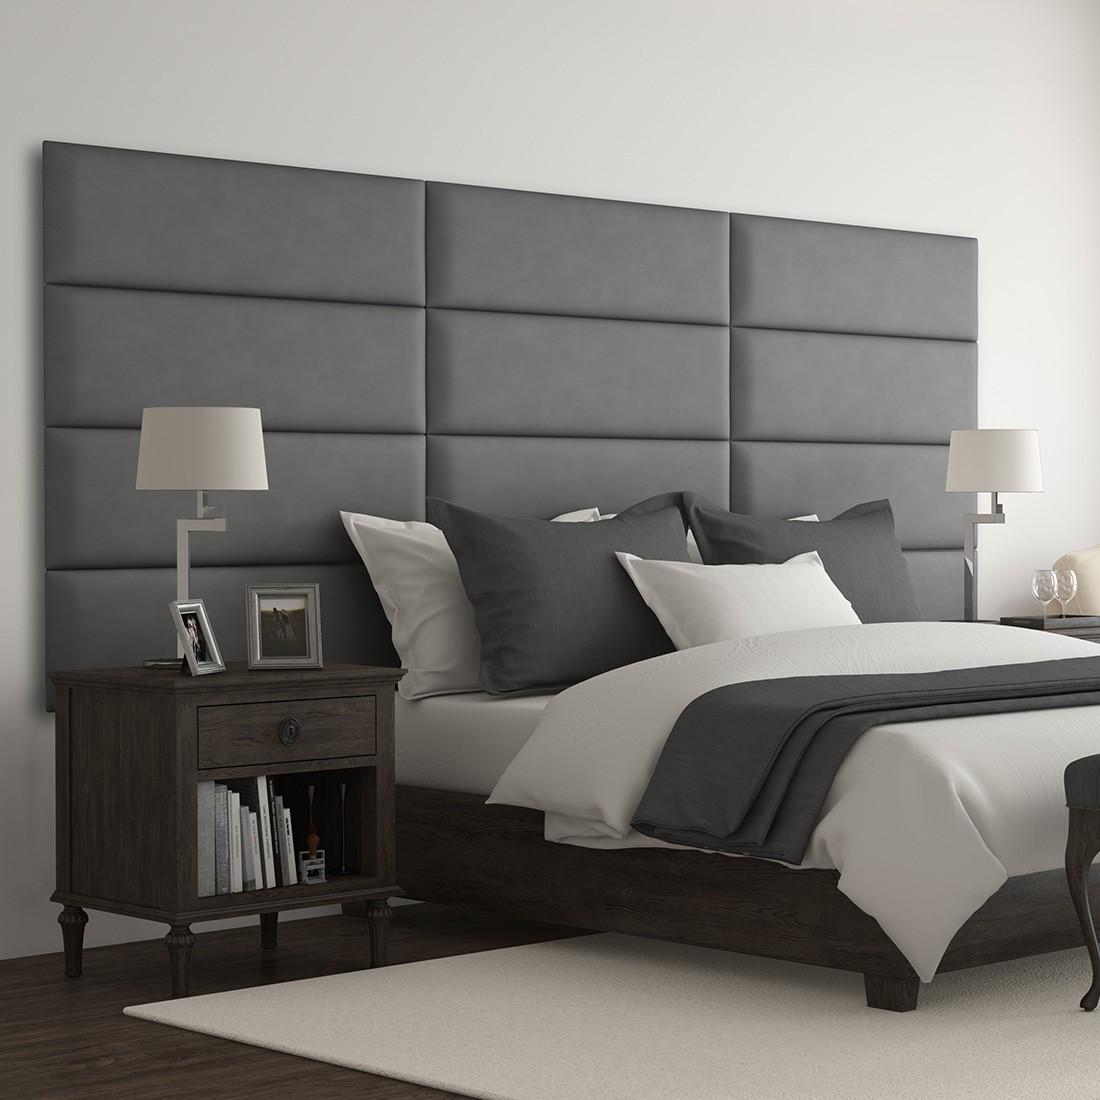 Decoration Murale Pour Tete De Lit déco tête de lit capitonnée en cuir noir - panneaux décoratifs vant